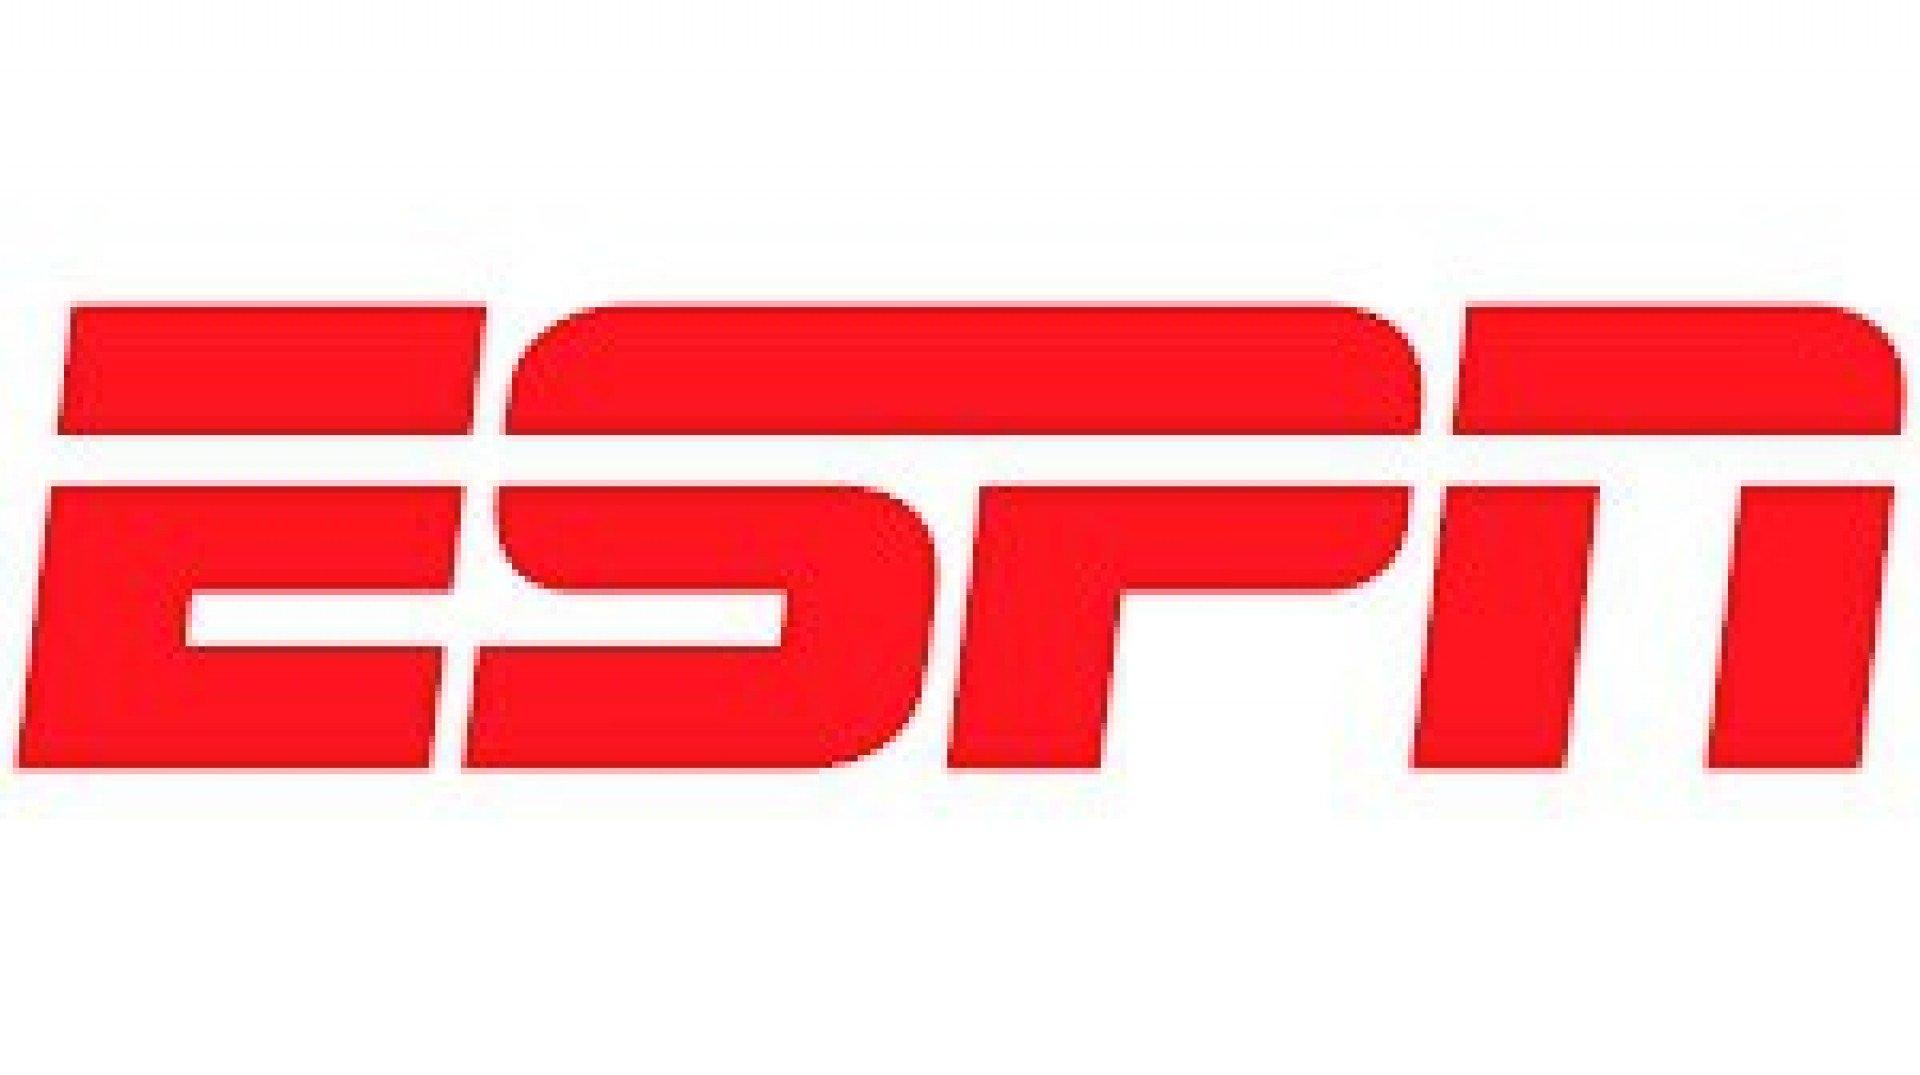 Repórter da ESPN se recusa a tomar vacina contra Covid-19 e deixa emissora